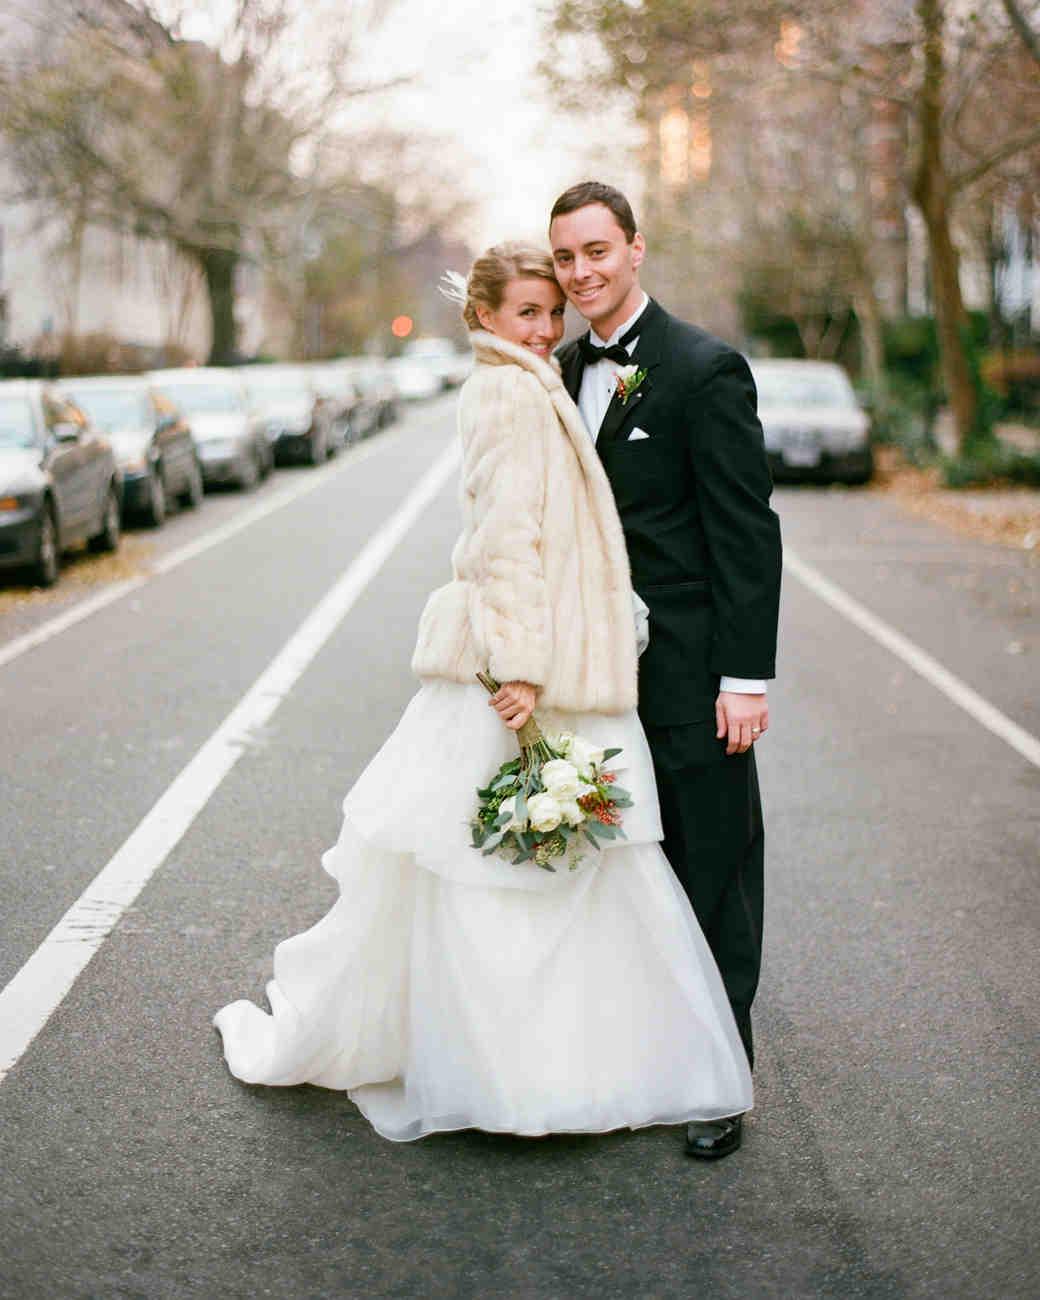 A Formal Christmastime Wedding in Washington, D.C. | Martha Stewart ...